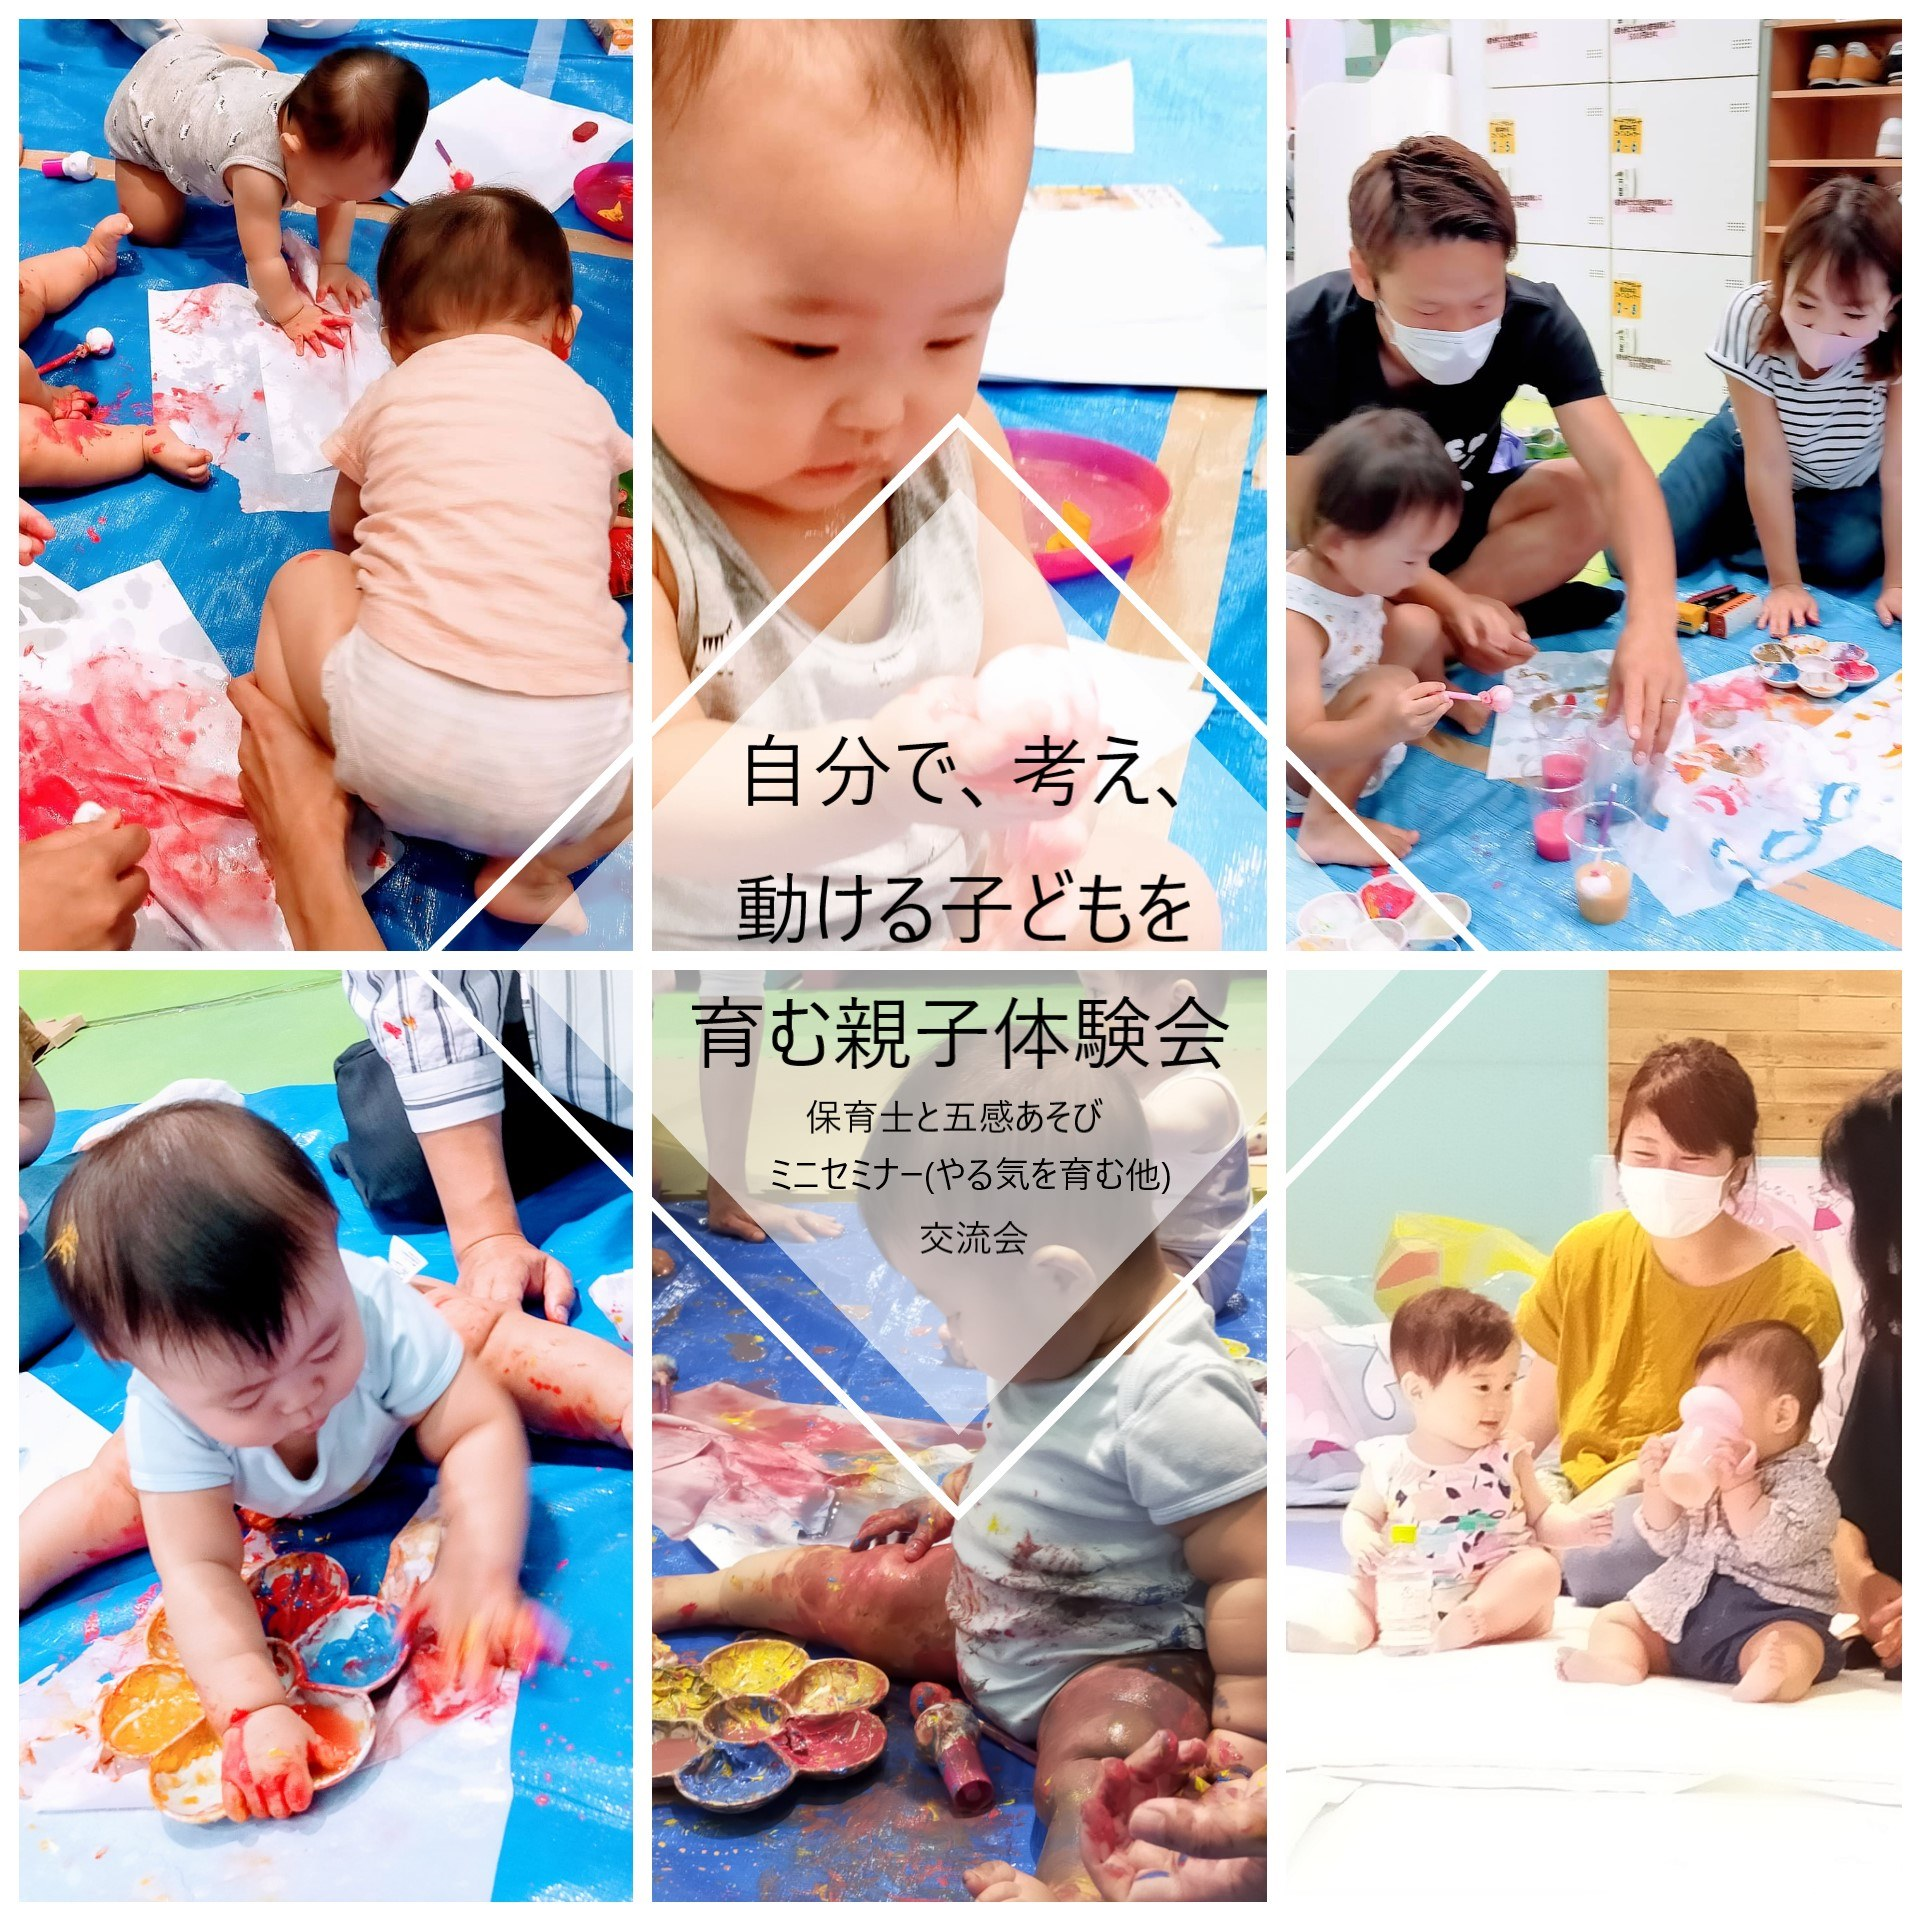 【コロナ禍参加無料】グローバル教育親子体験の会場新設